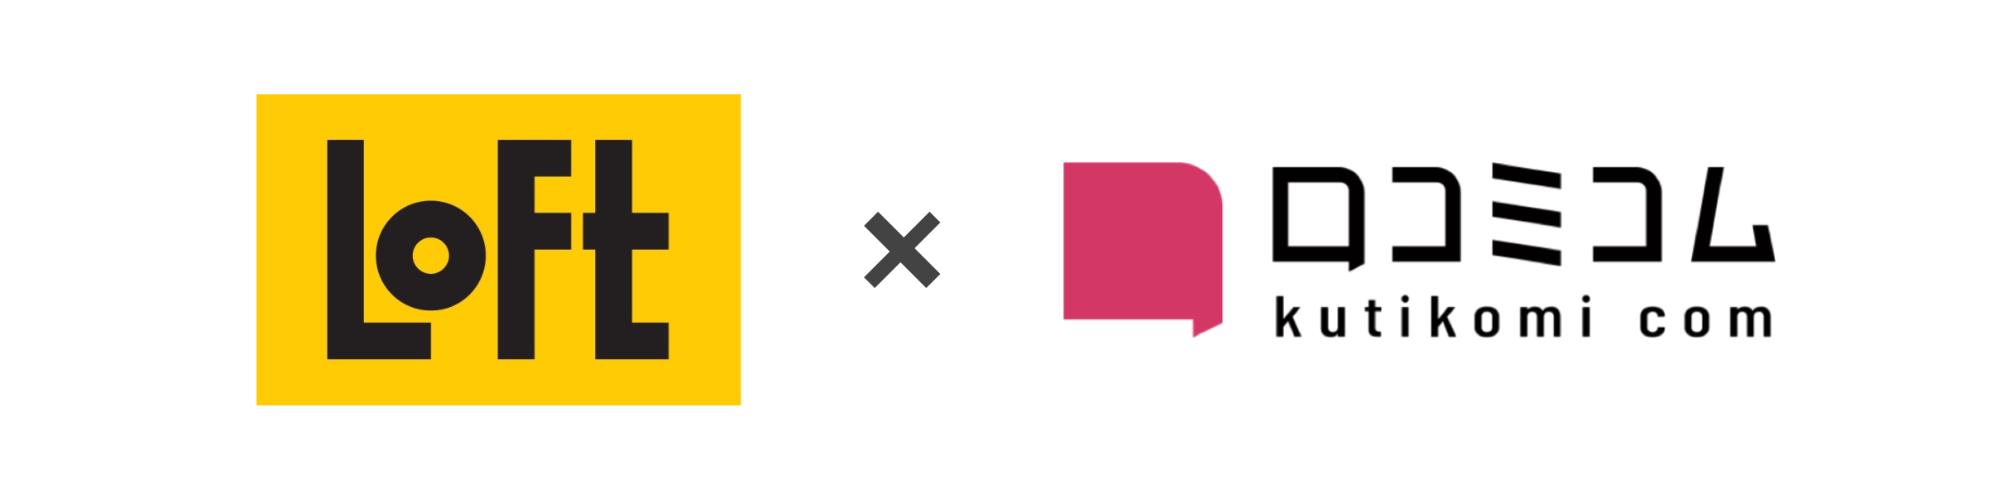 大手雑貨店ロフトが顧客体験向上に向けたDXソリューション「口コミコム」を導入。業務効率化と顧客体験向上を同時に実現